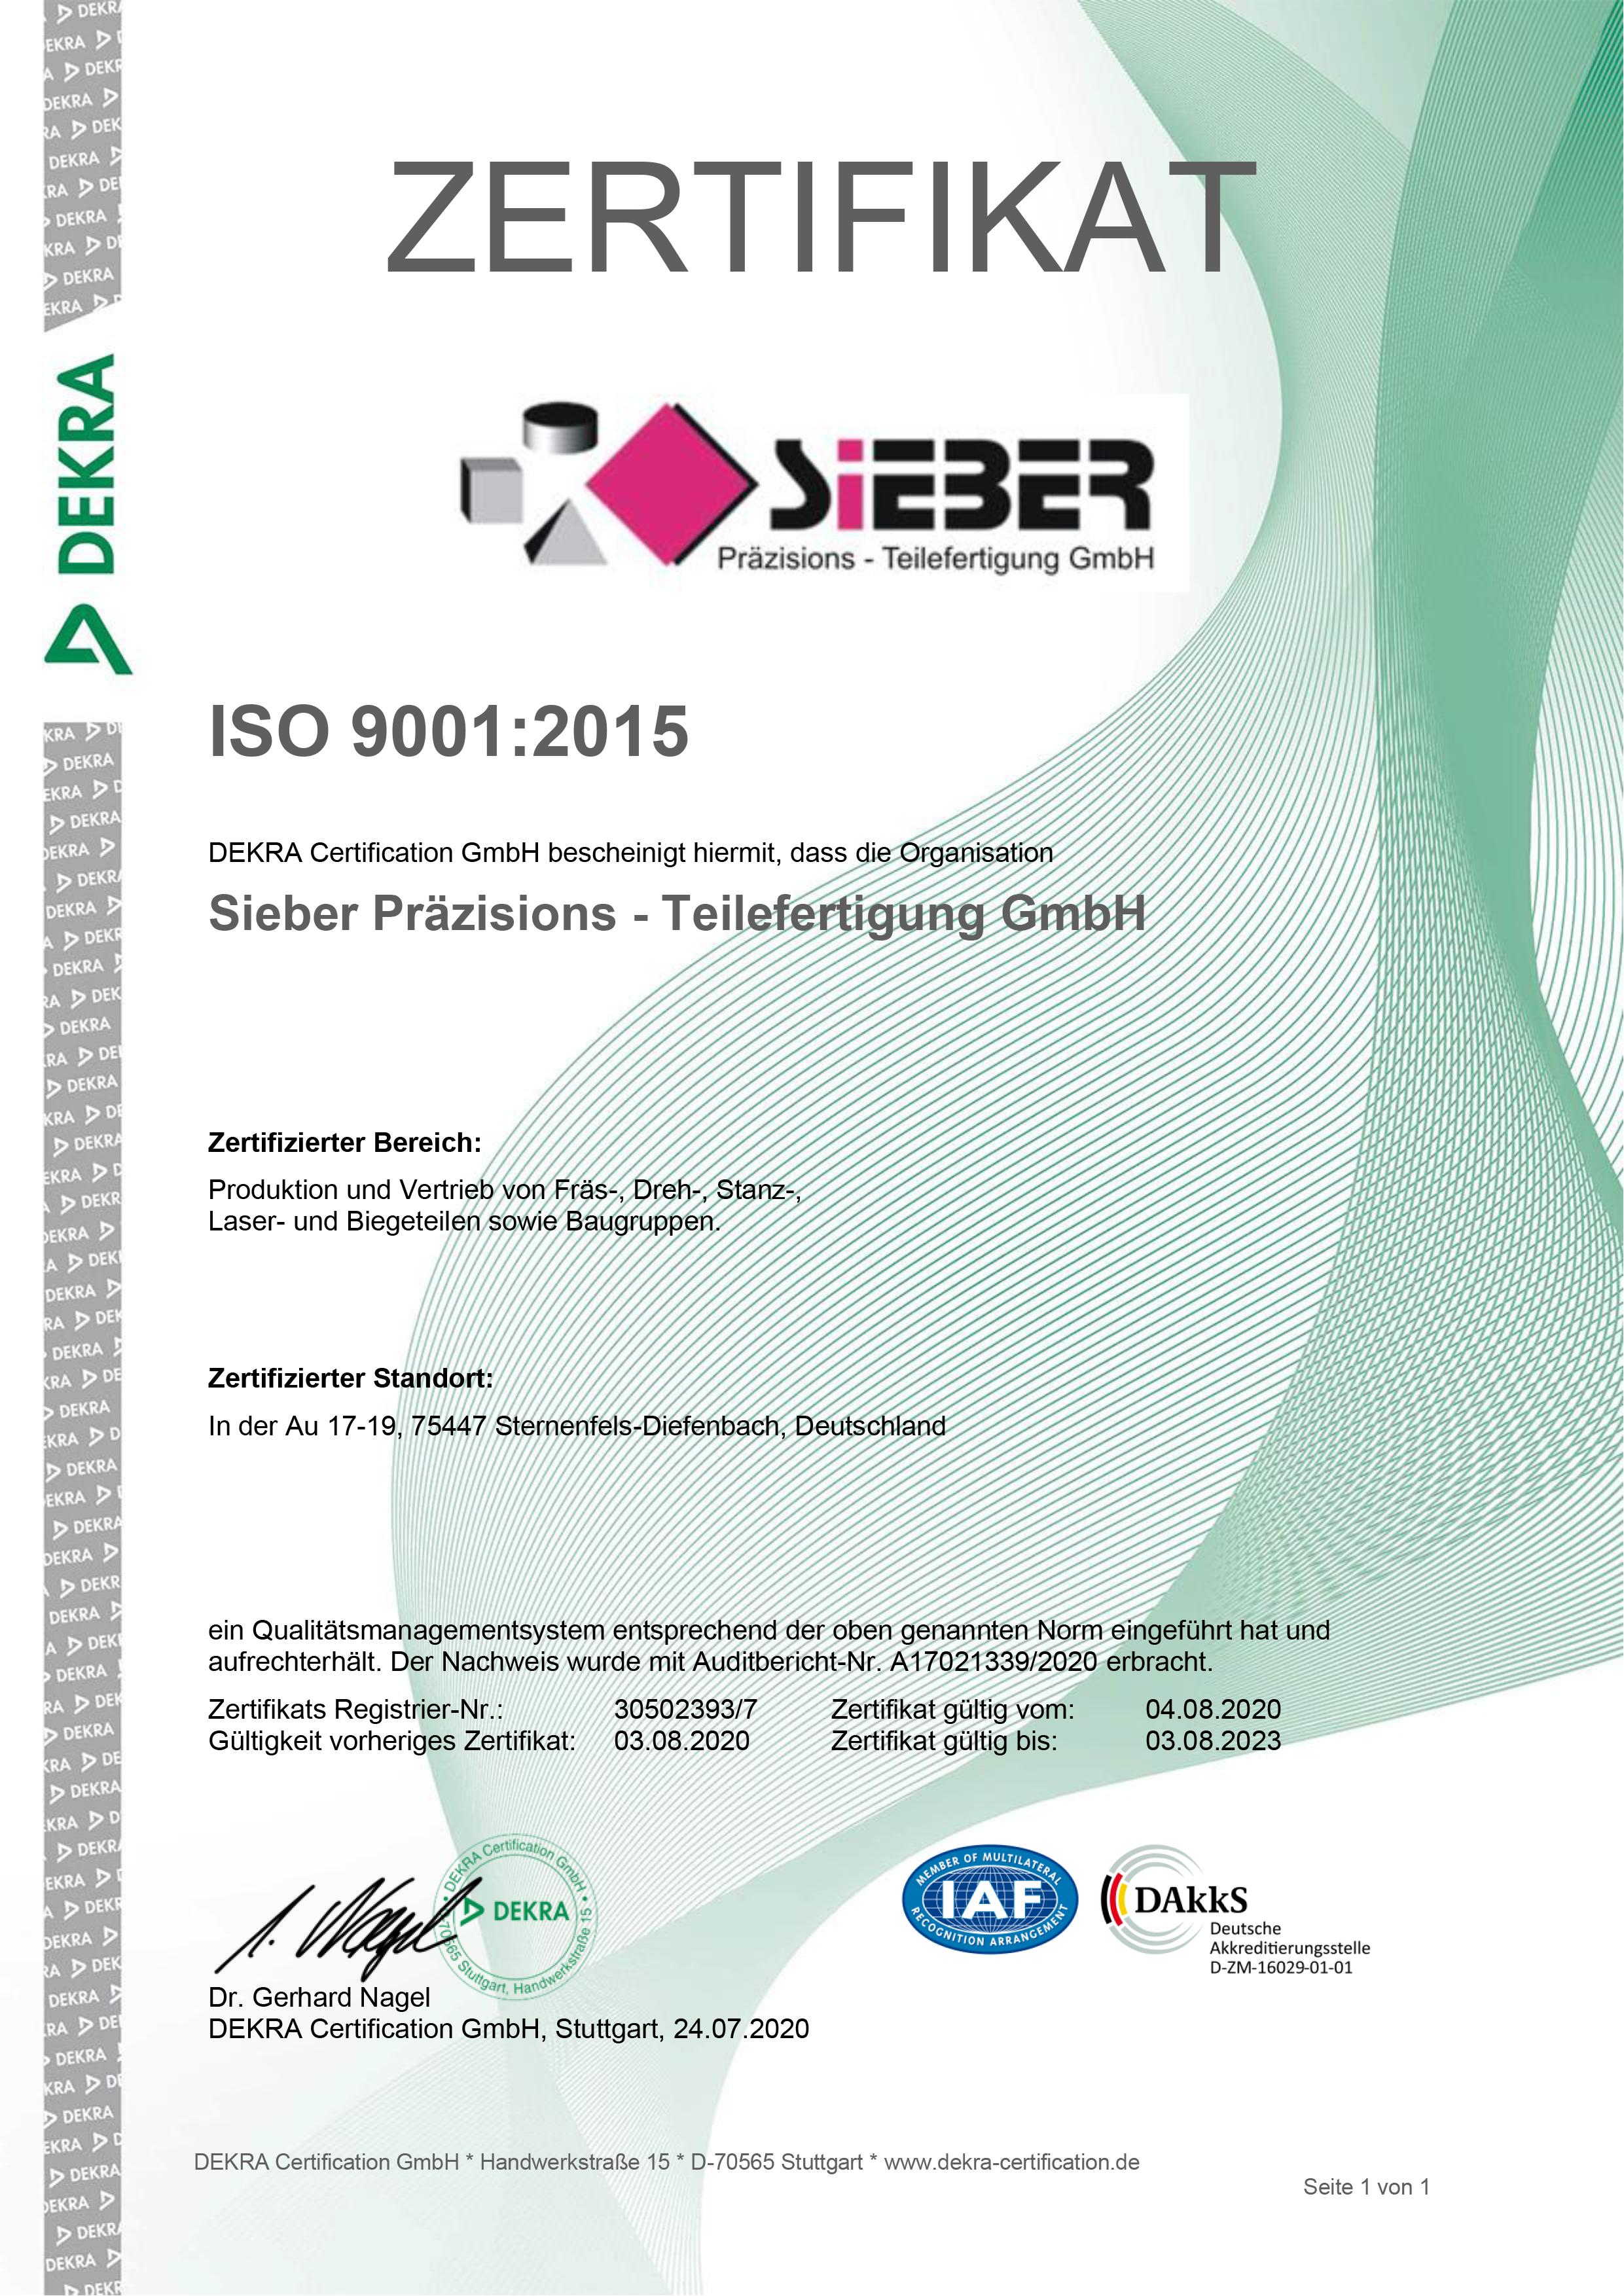 zertifikat-rz-iso-9001_2015